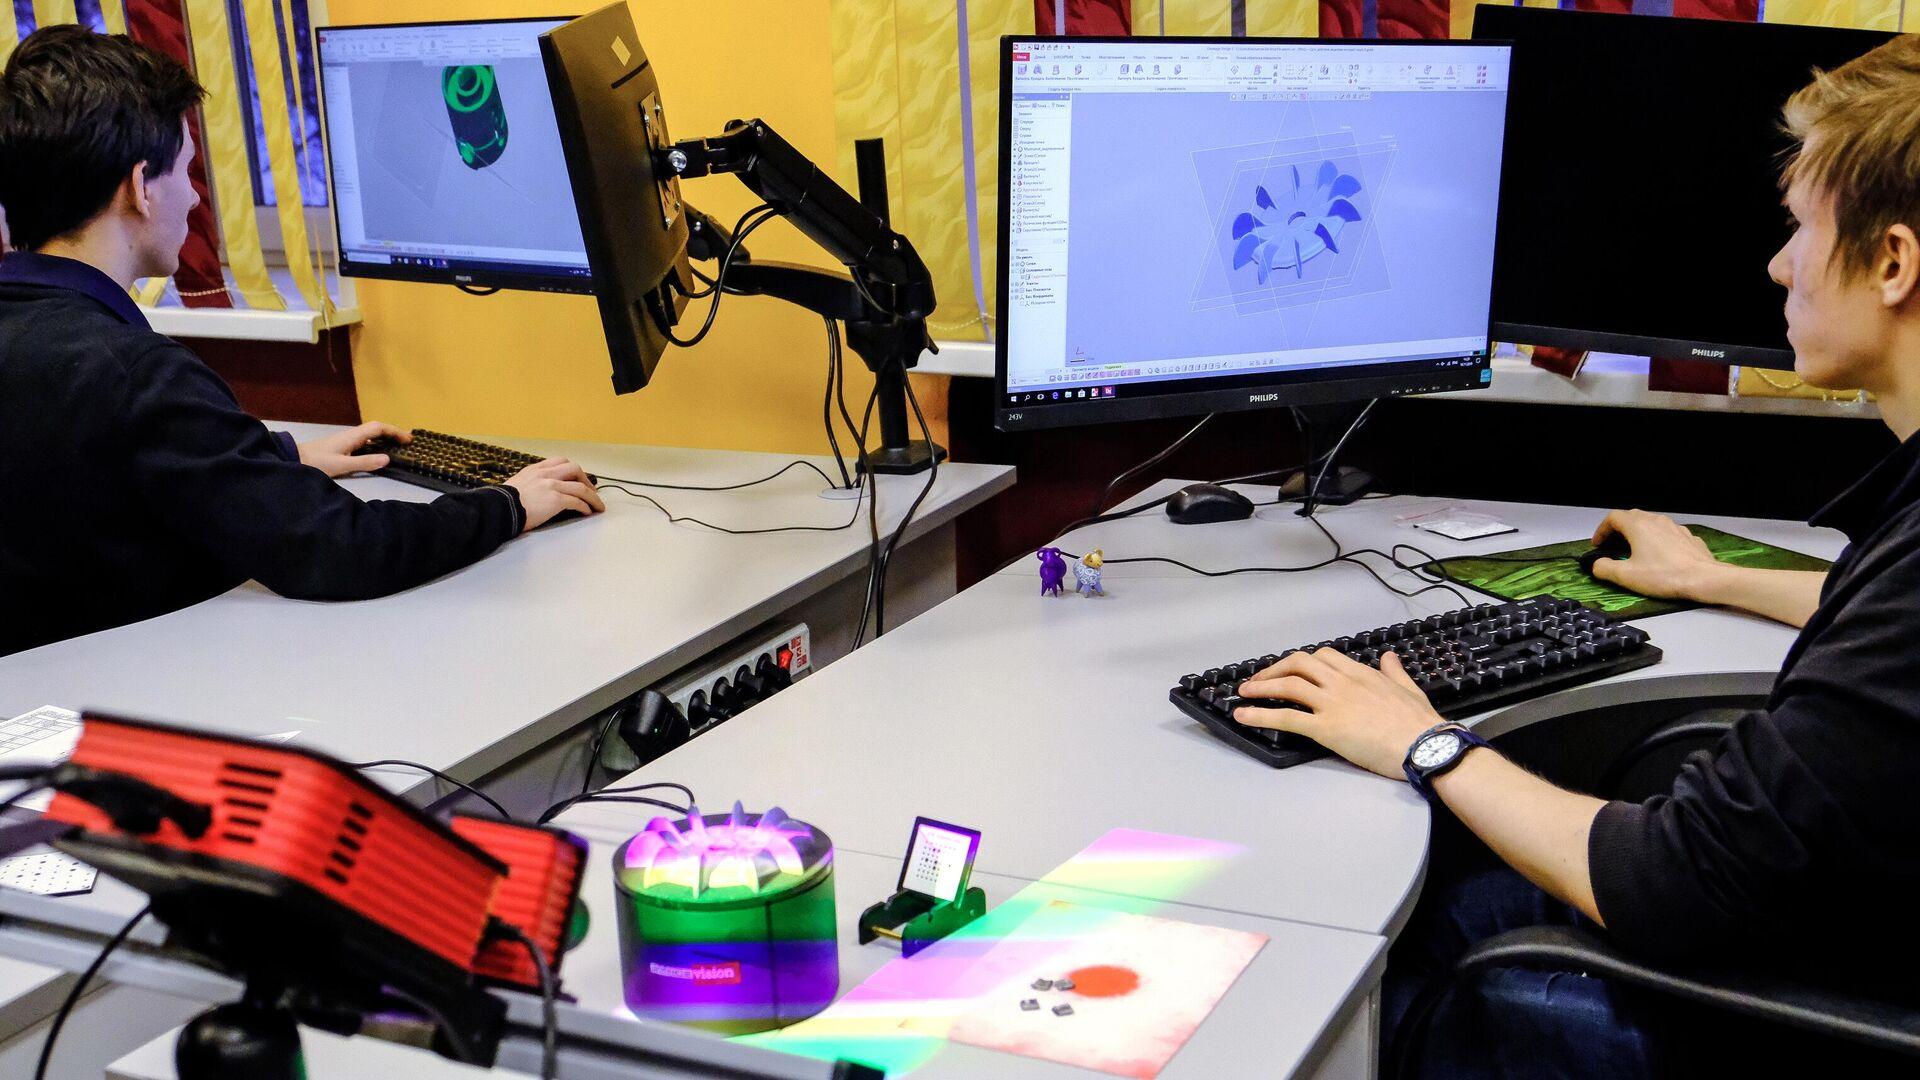 Учащиеся работают на 3-D сканере в модернизированном классе - РИА Новости, 1920, 04.12.2020